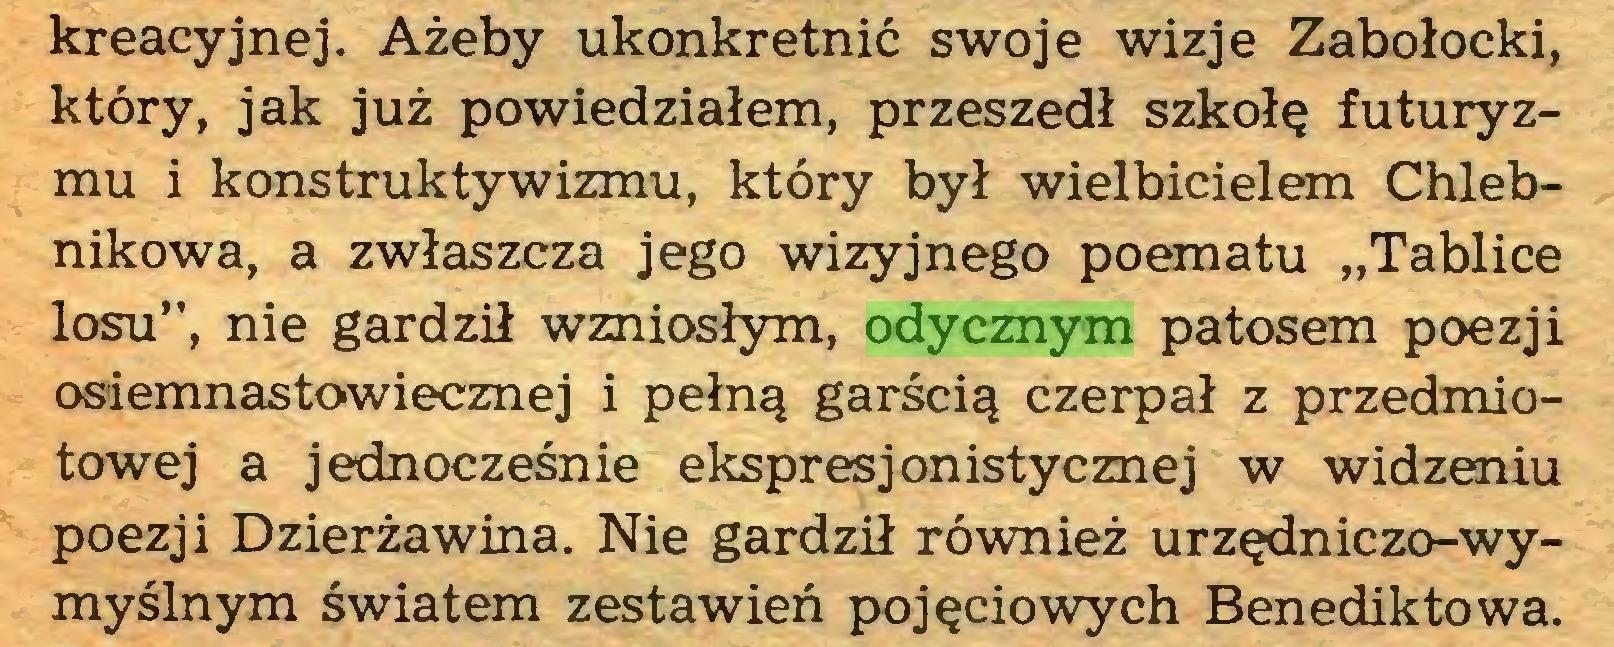 """(...) kreacyjnej. Ażeby ukonkretnić swoje wizje Zabołocki, który, jak już powiedziałem, przeszedł szkołę futuryzmu i konstruktywizmu, który był wielbicielem Chlebnikowa, a zwłaszcza jego wizyjnego poematu """"Tablice losu"""", nie gardził wzniosłym, odycznym patosem poezji osiemnastowiecznej i pełną garścią czerpał z przedmiotowej a jednocześnie ekspresjonistycznej w widzeniu poezji Dzierżawina. Nie gardził również urzędniczo-wymyślnym światem zestawień pojęciowych Benediktowa..."""